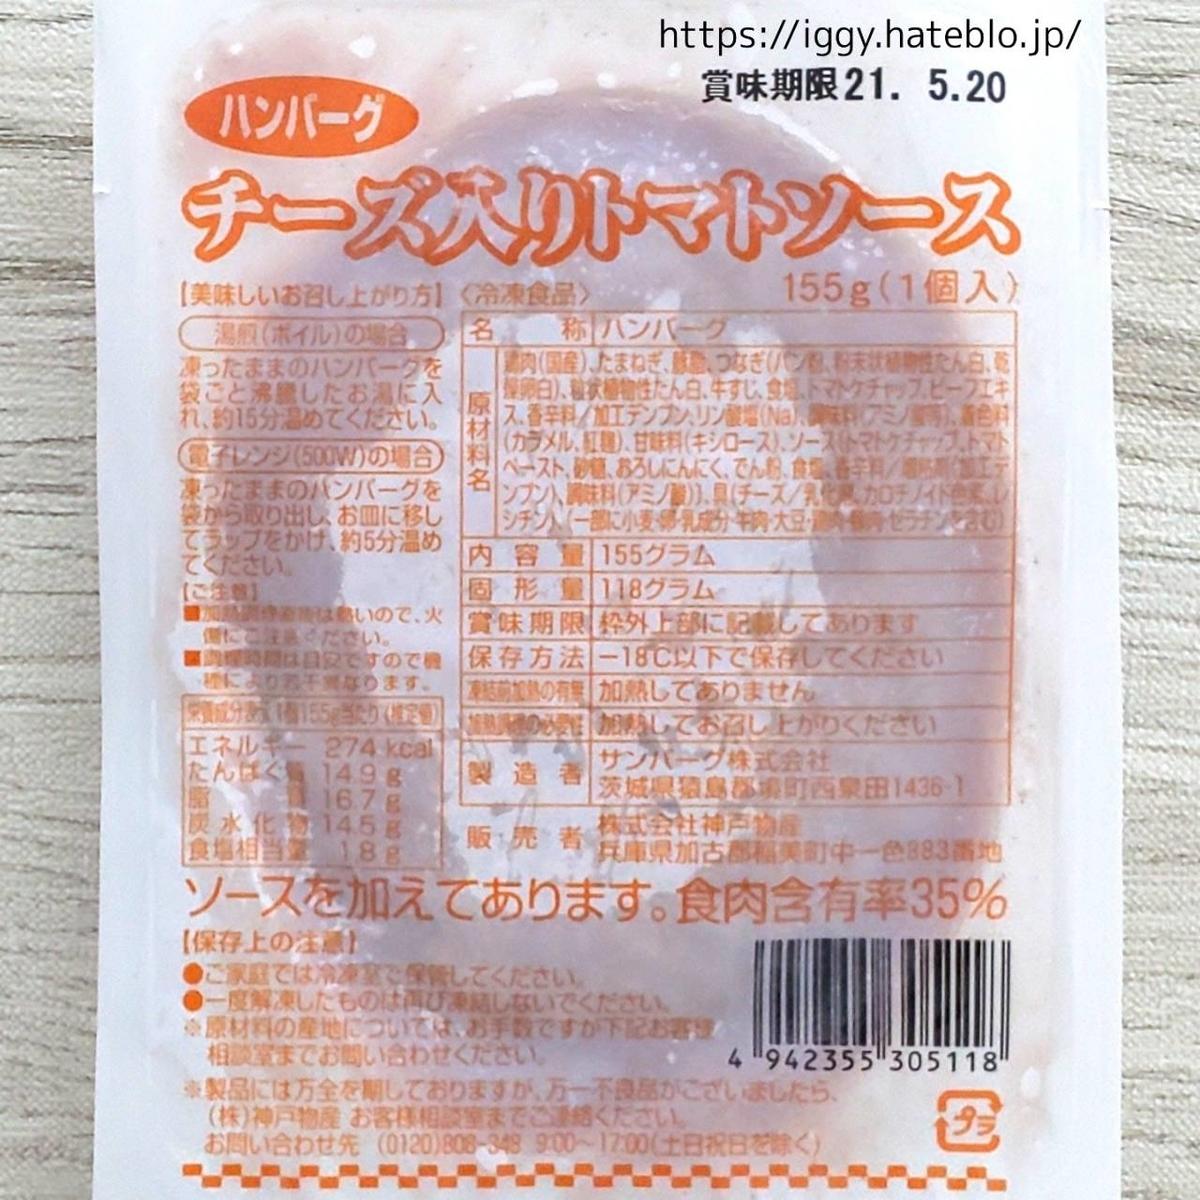 業務スーパー  冷凍食品 ハンバーグ チーズ入りトマトソース パッケージ表 LIFE